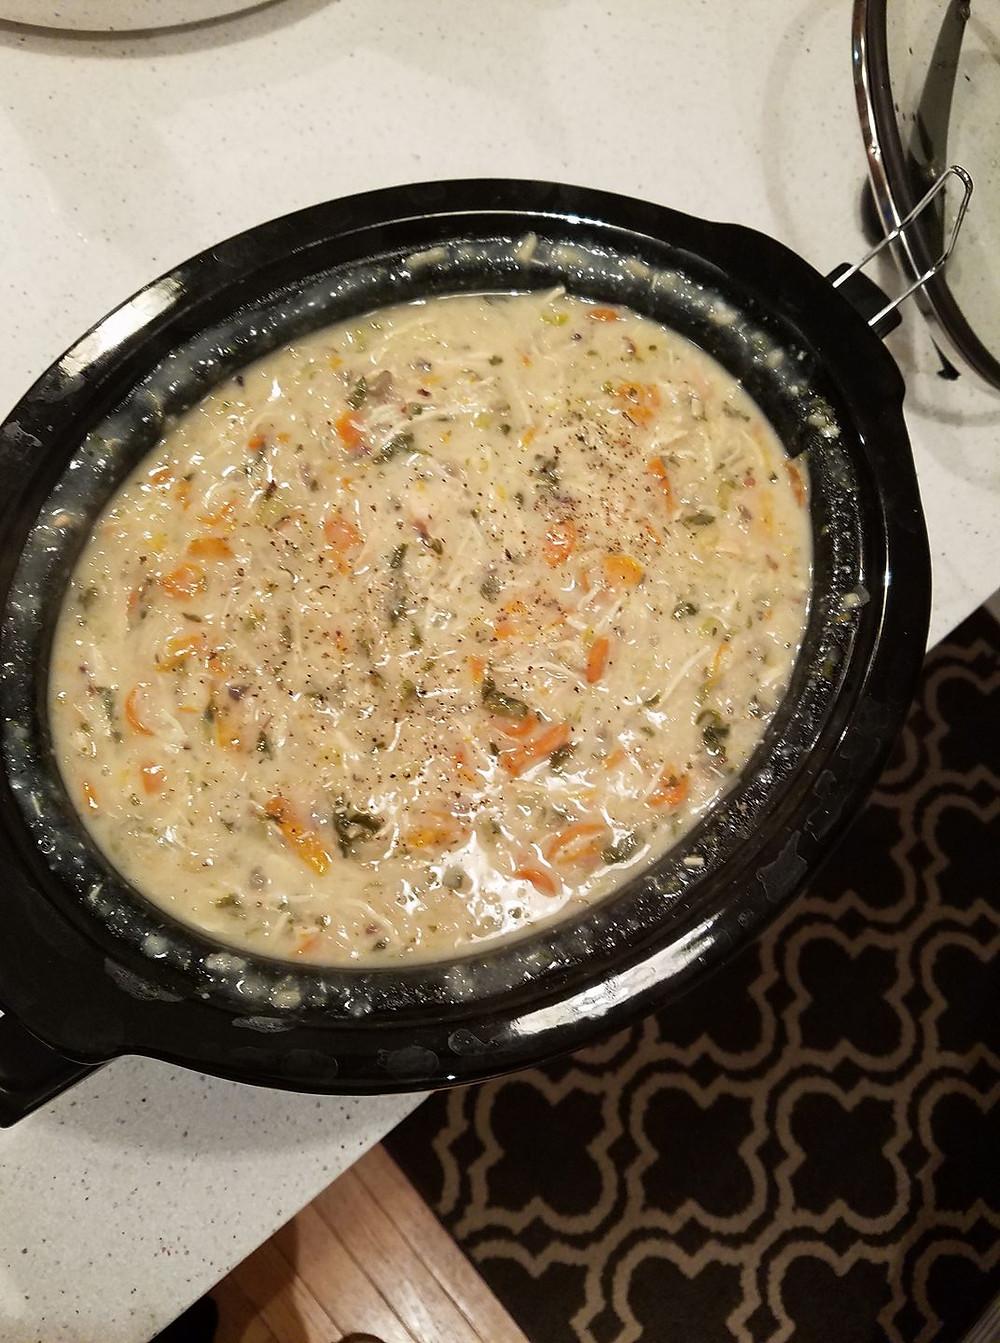 Crock pot soup image!